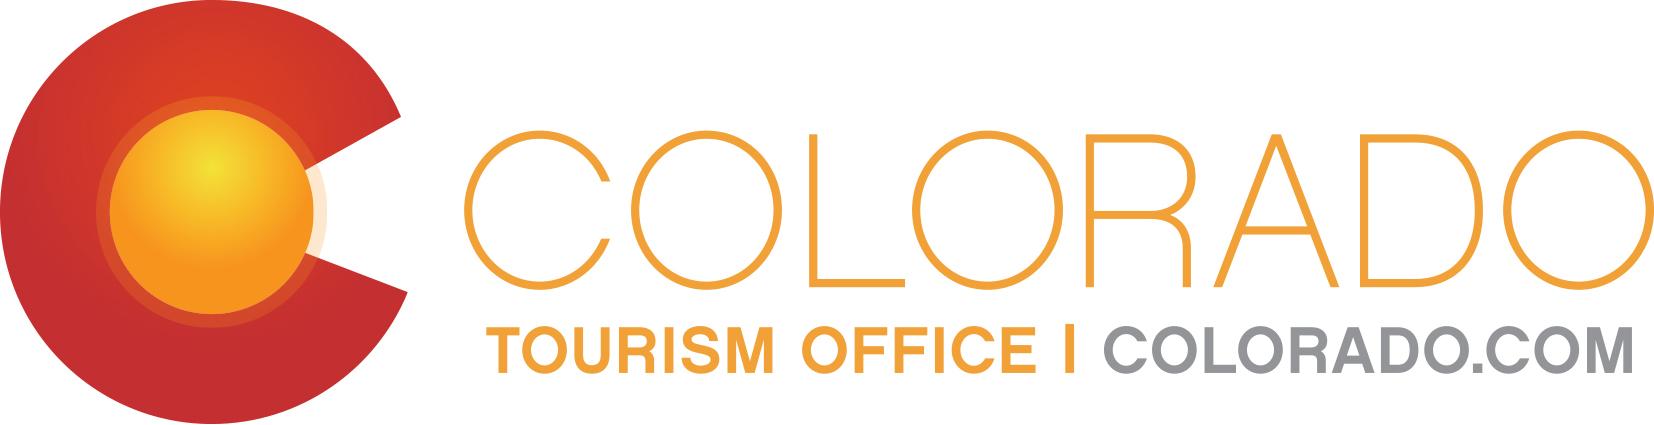 cto_colorado_com_logo.jpg